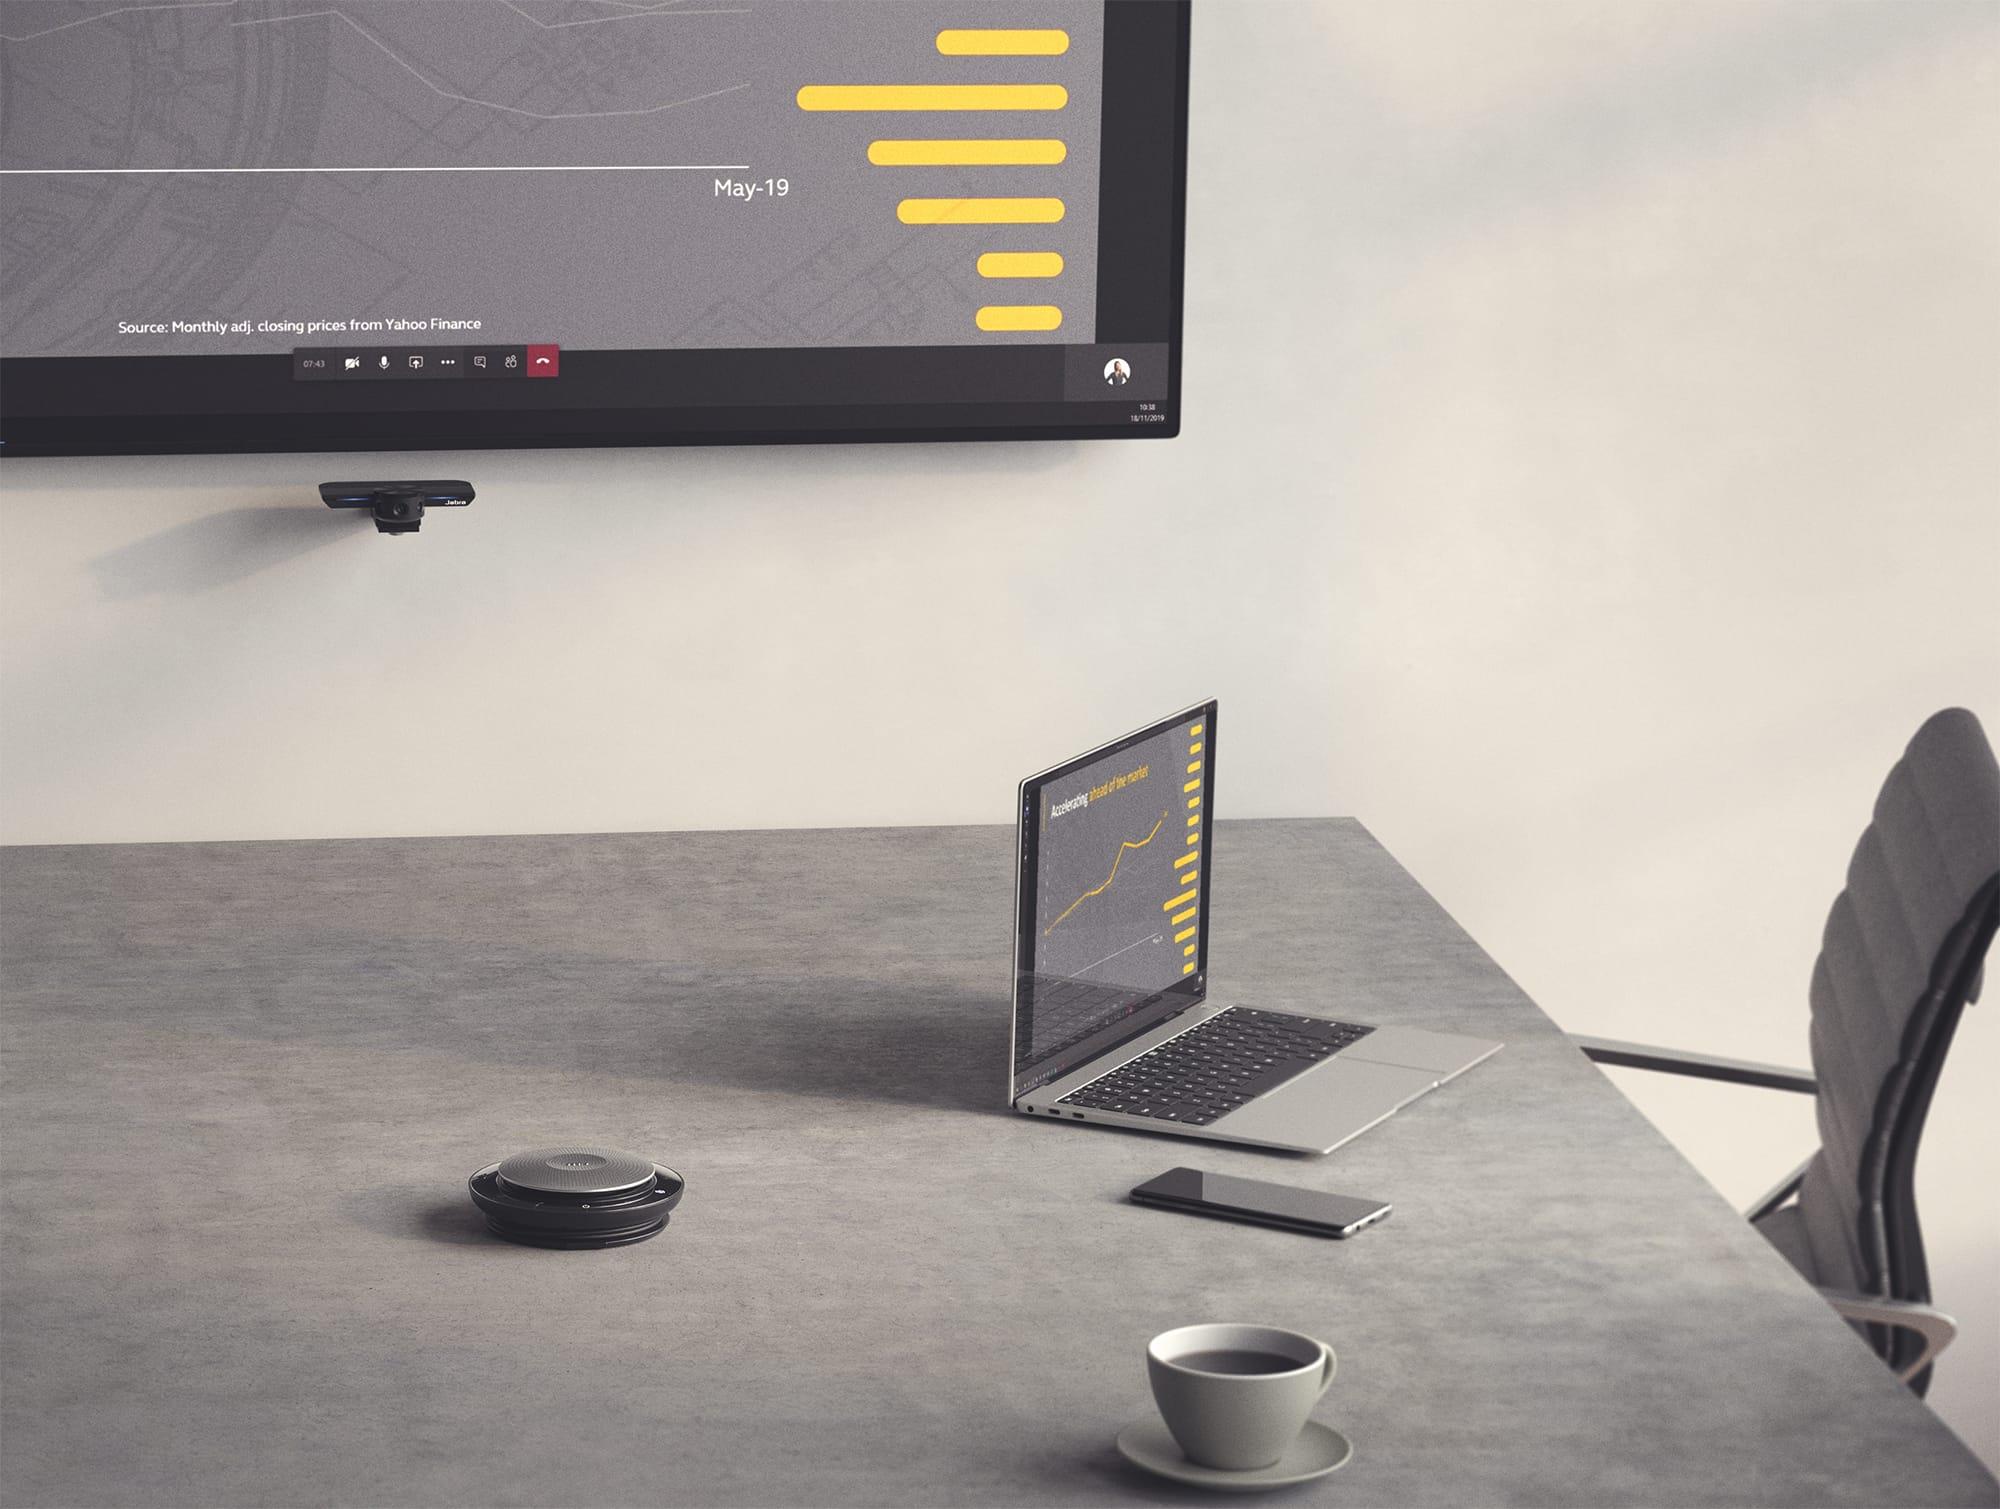 会話の中断や通話品質が改善され、オンライン会議の効率がアップする。